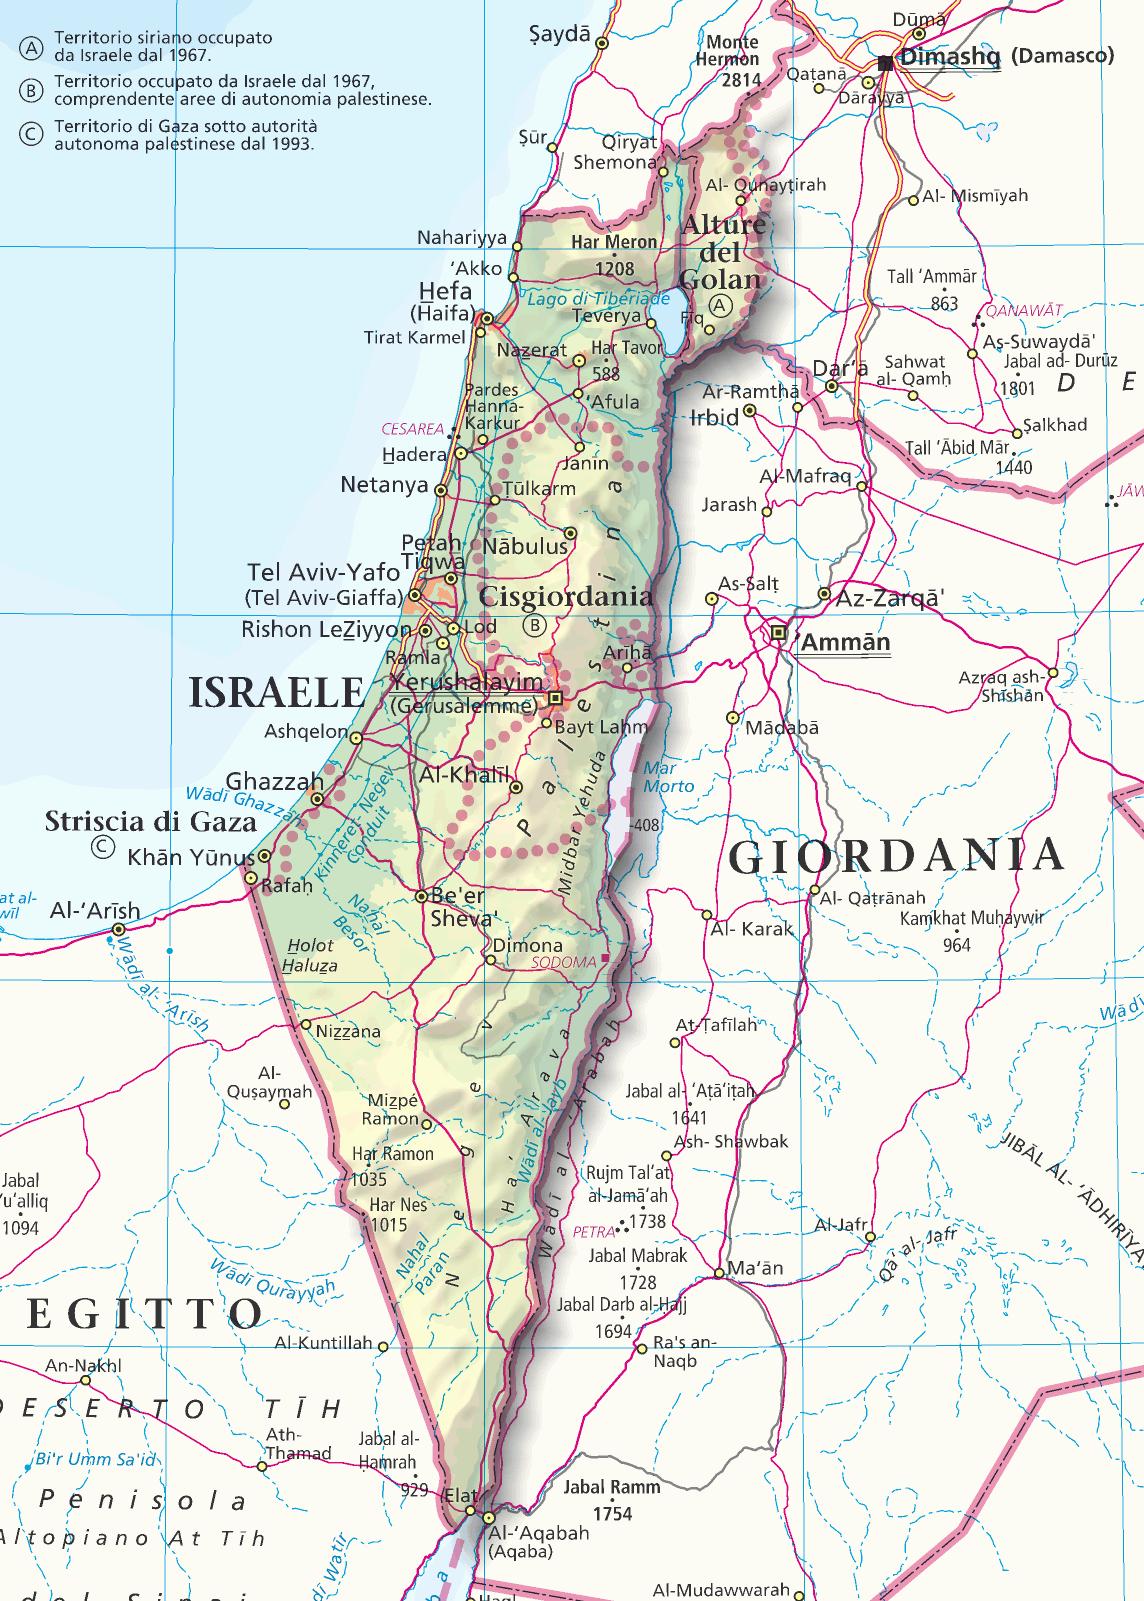 Cartina Fisica Palestina.Conoscere Per Capire La Terra Santa Oggi Officina Del Sole